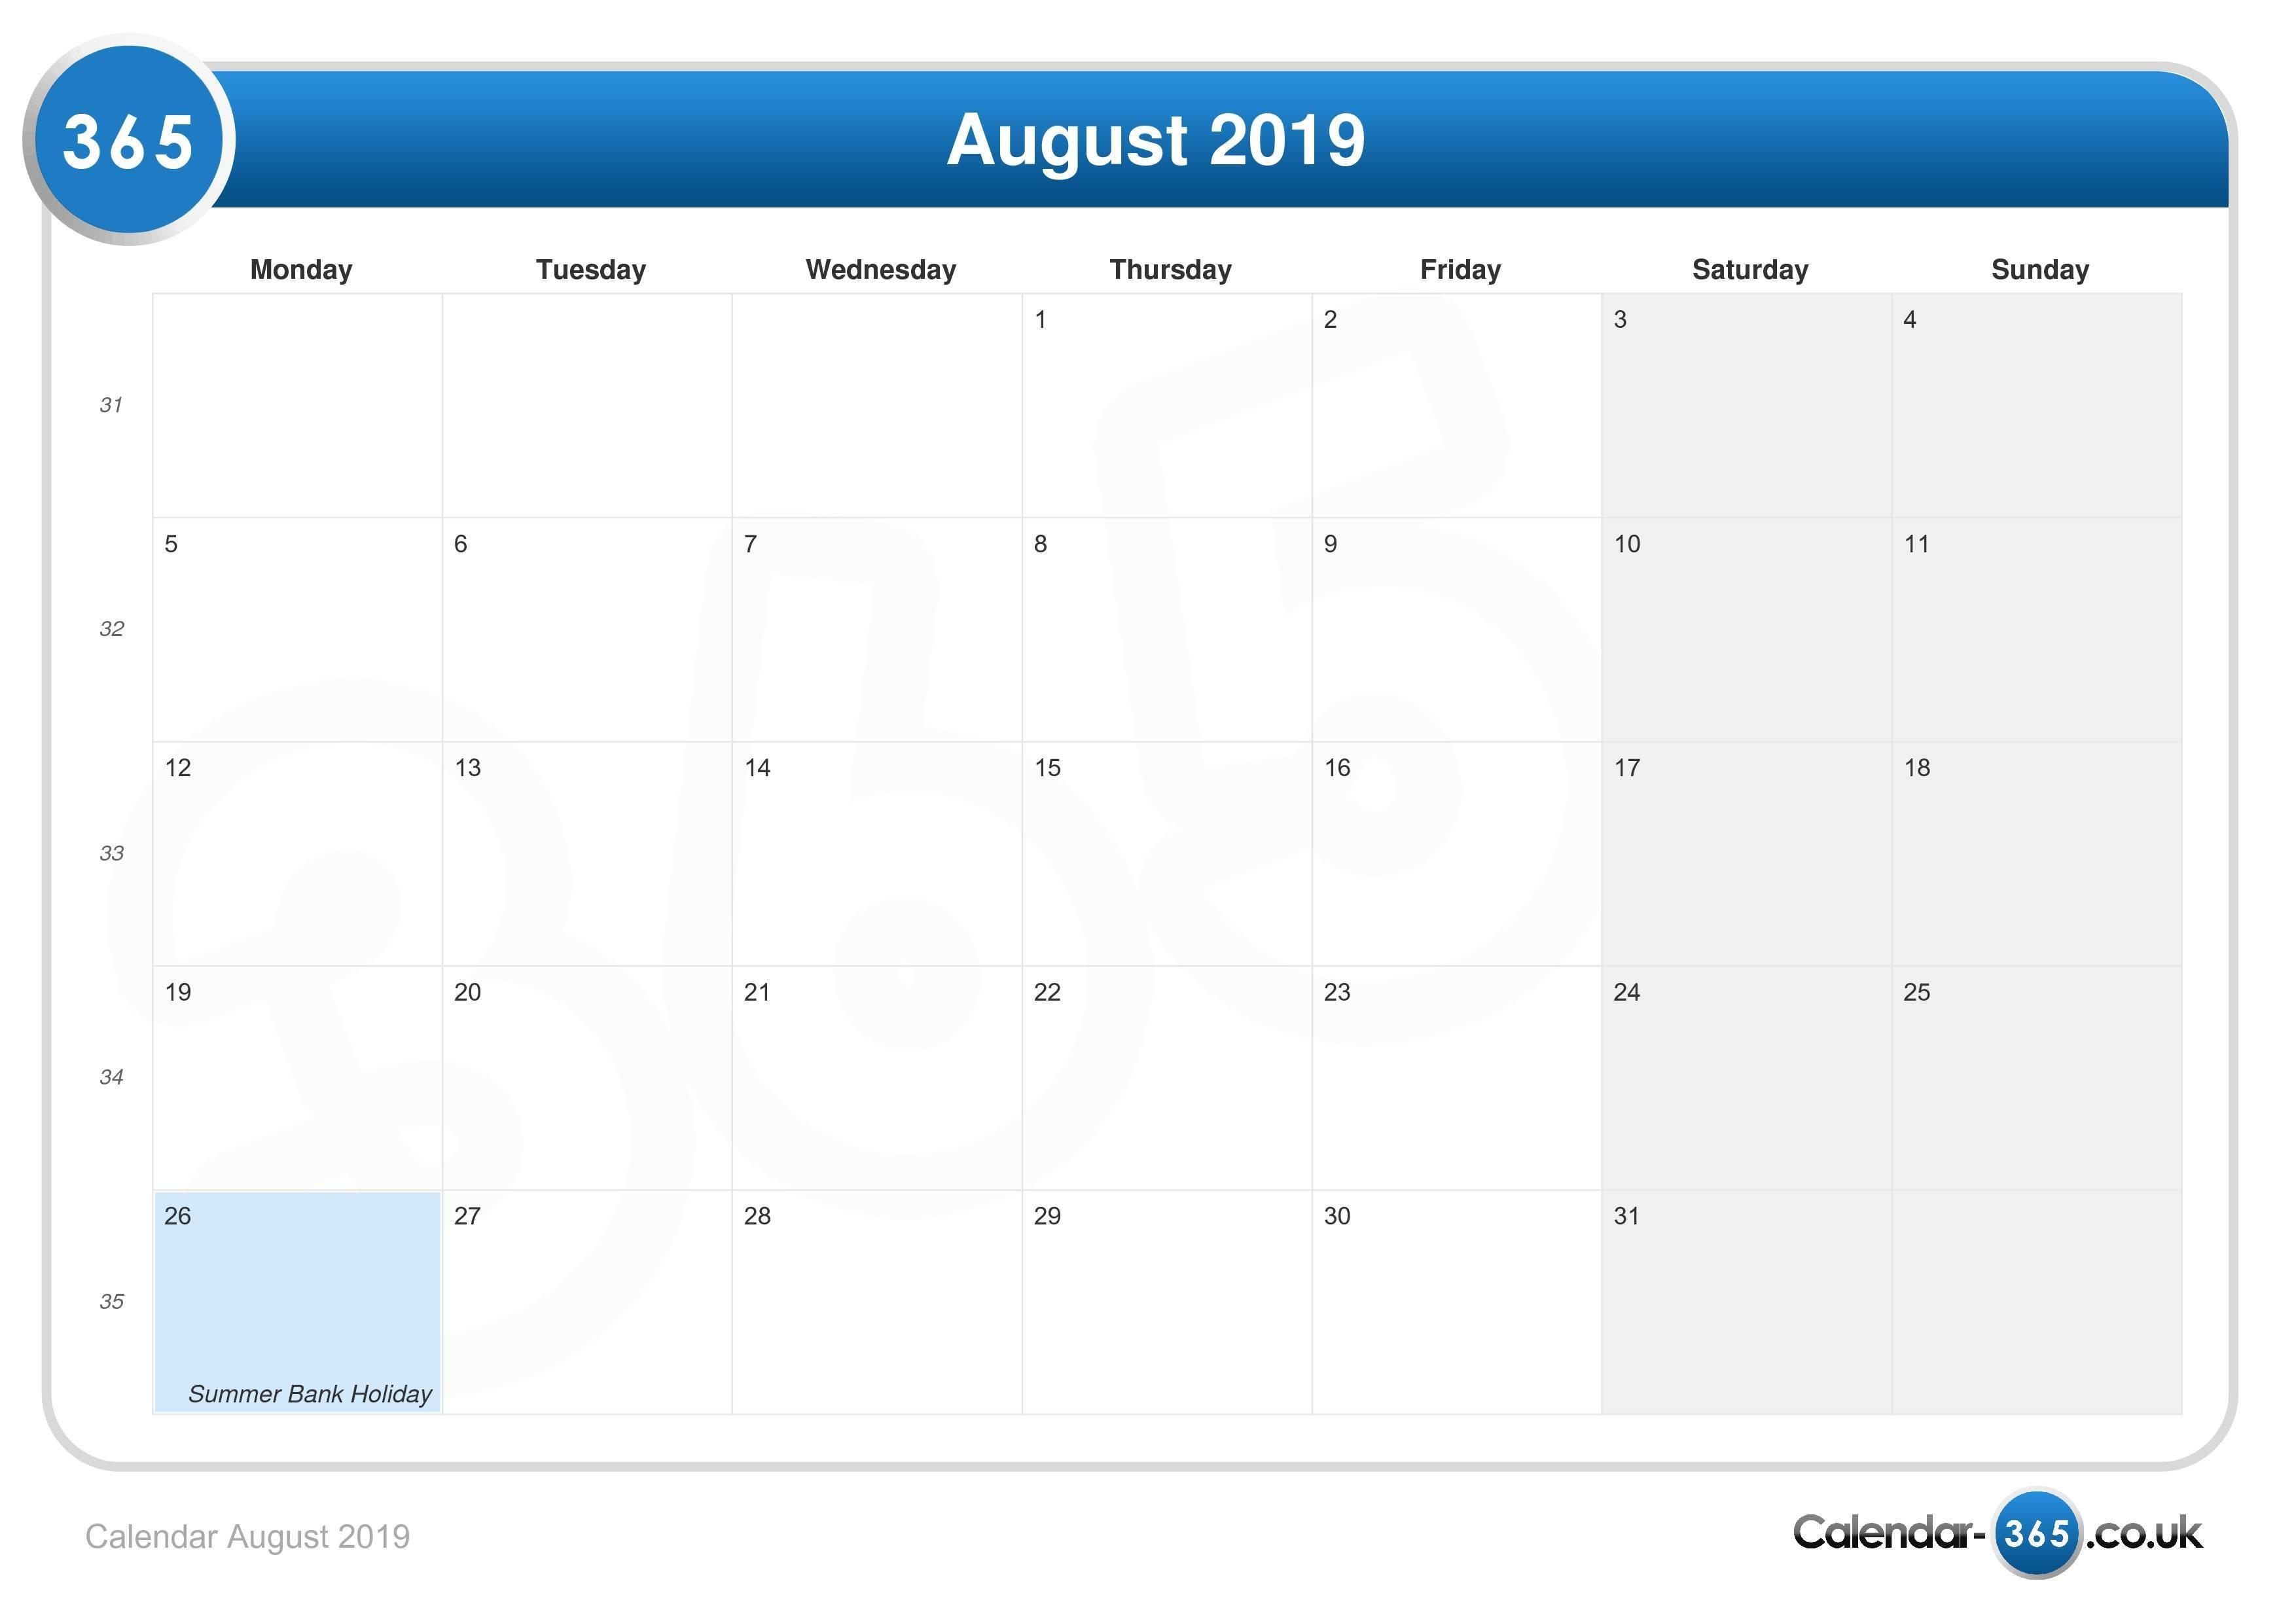 Calendar August 2019 August 3 2019 Calendar